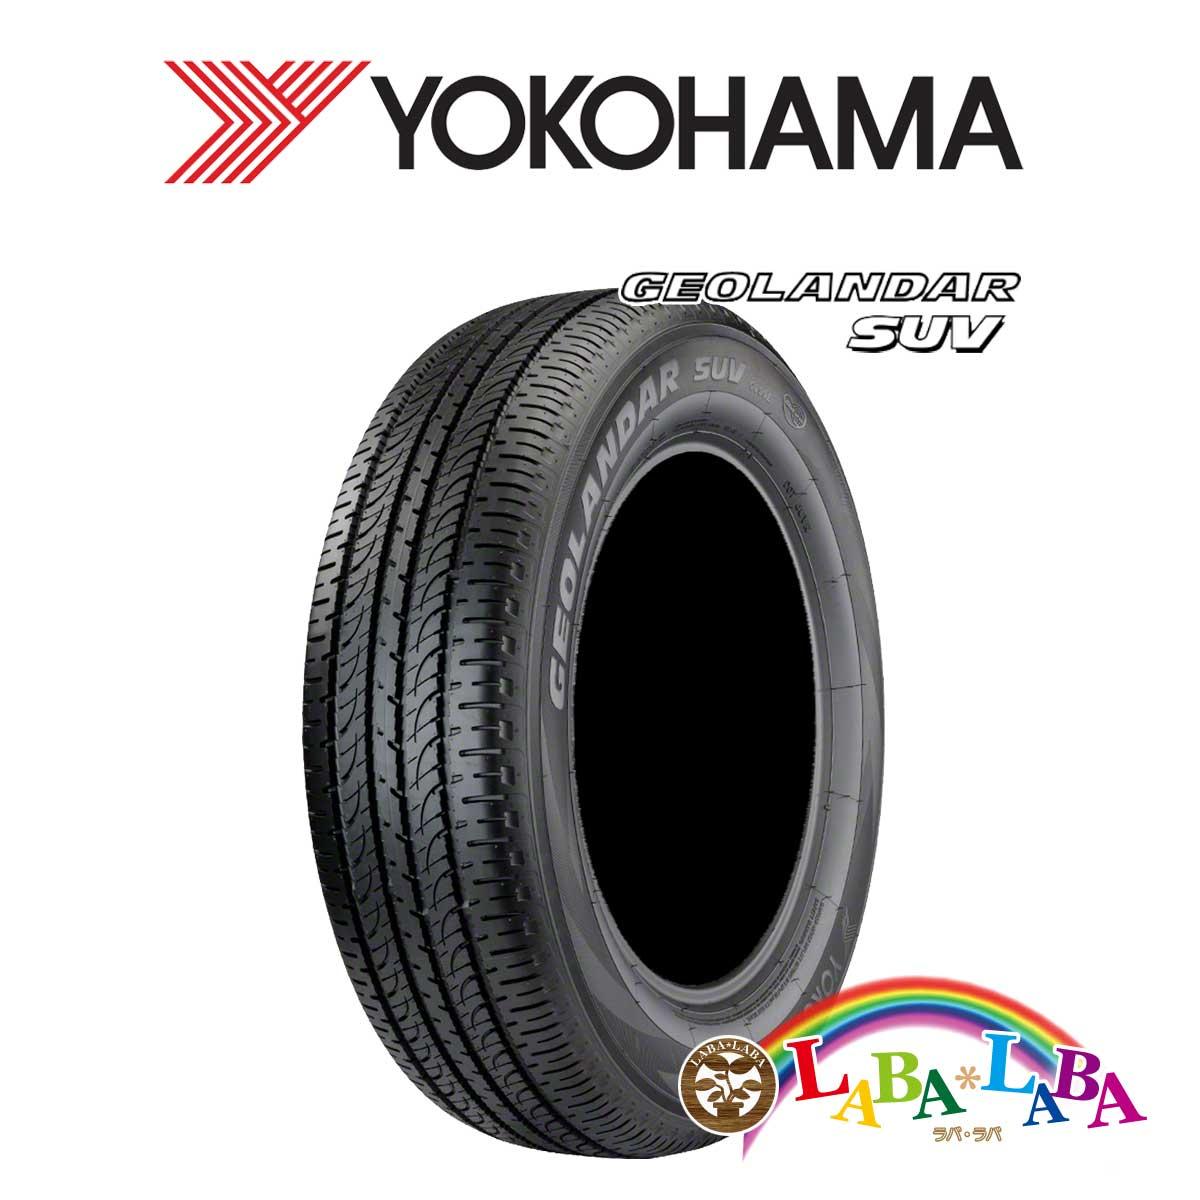 YOKOHAMA ヨコハマ GEOLANDAR ジオランダー G055 225/55R17 97V サマータイヤ SUV 4WD 2本セット